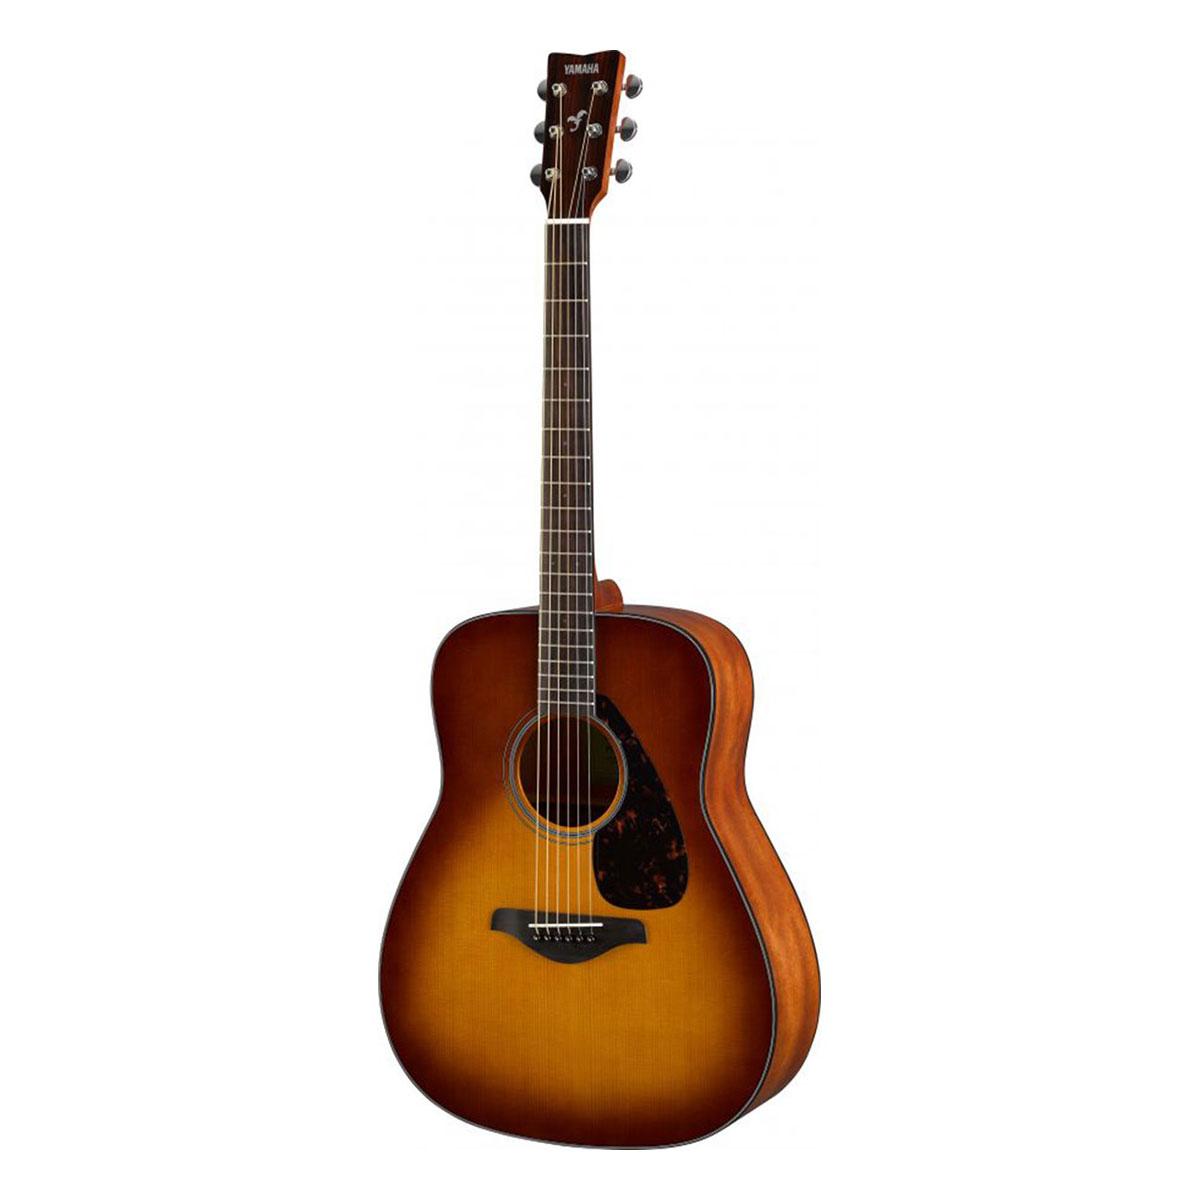 Yamaha - GFG800SDB sand burst - guitare folk T